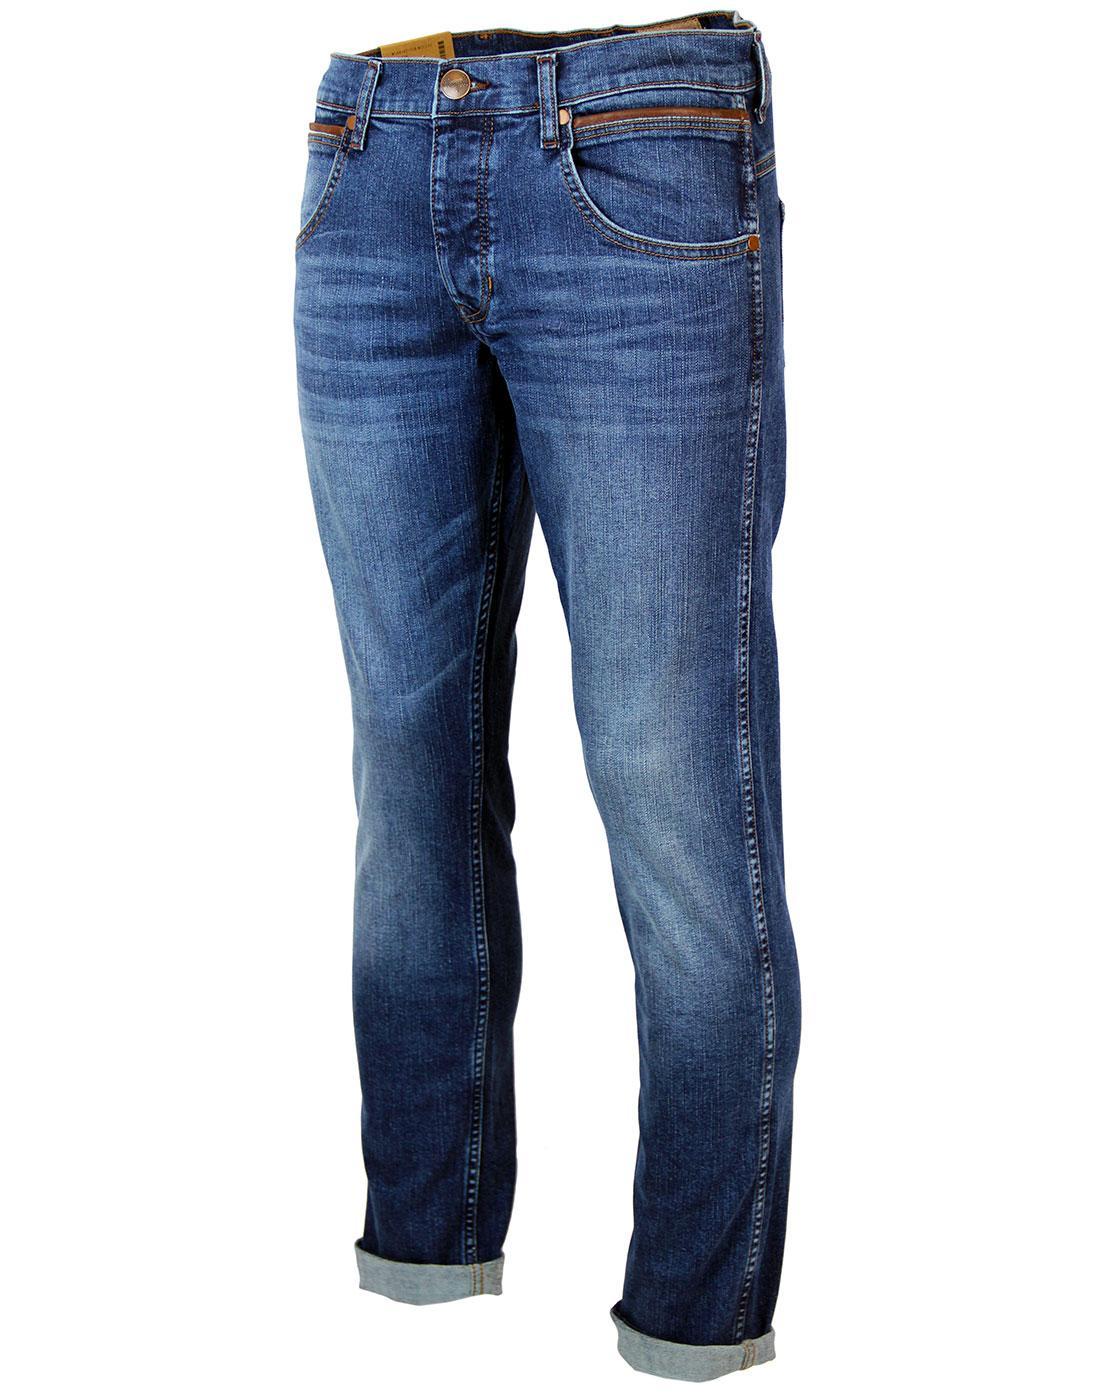 WRANGLER Spencer Retro Mod Relaxed Slim Leather Pocket ...